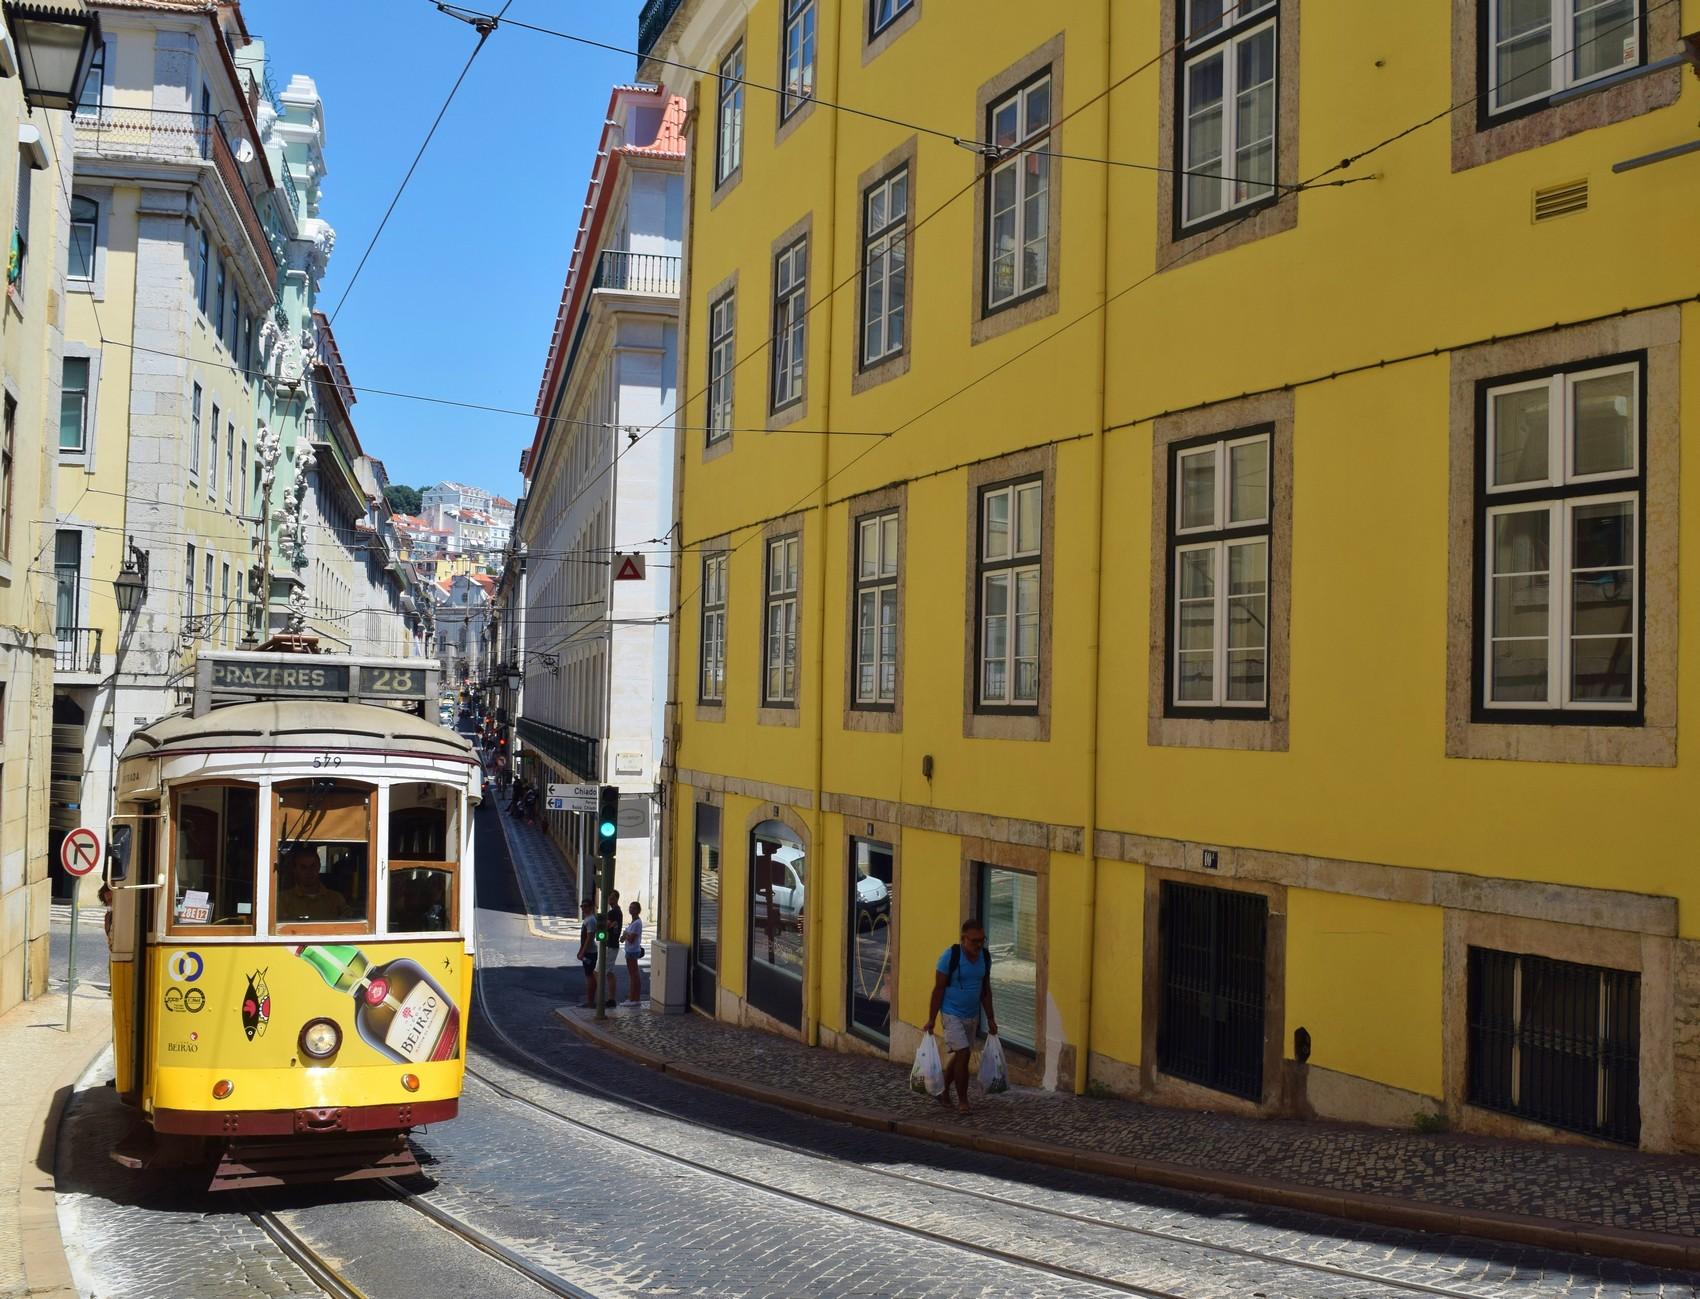 Prenez vos baskets : on part à Lisbonne !